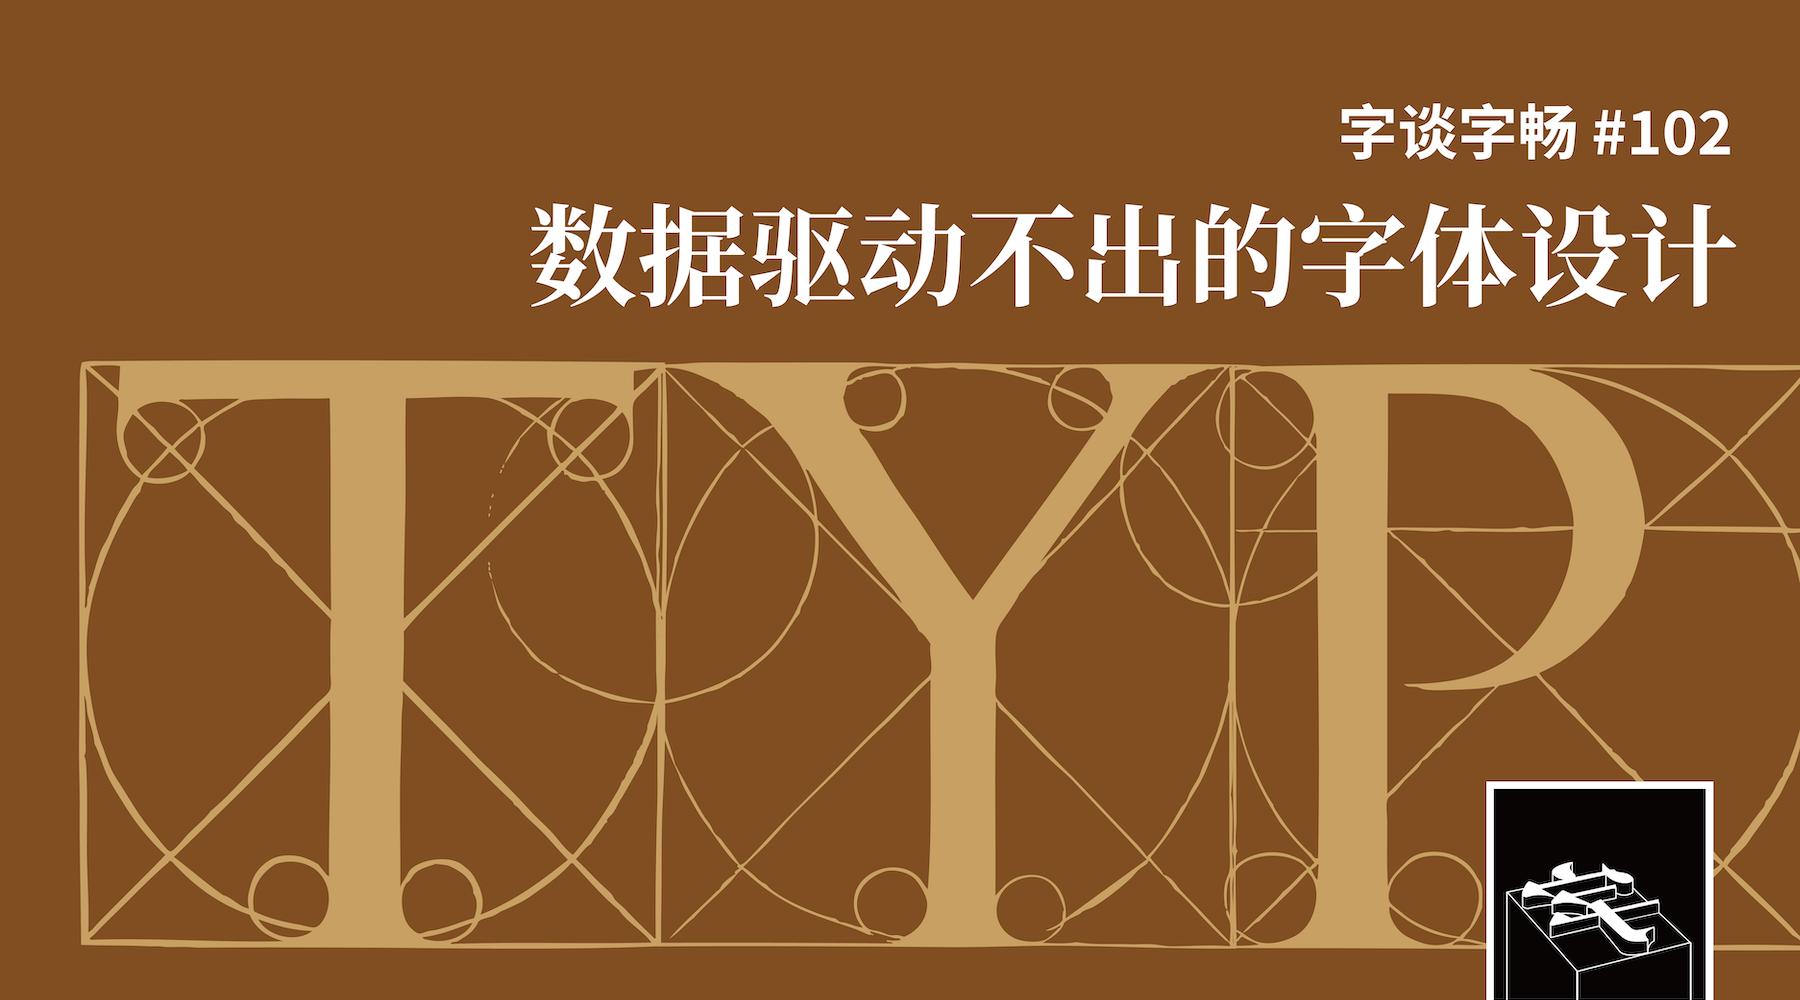 TypeChat #102